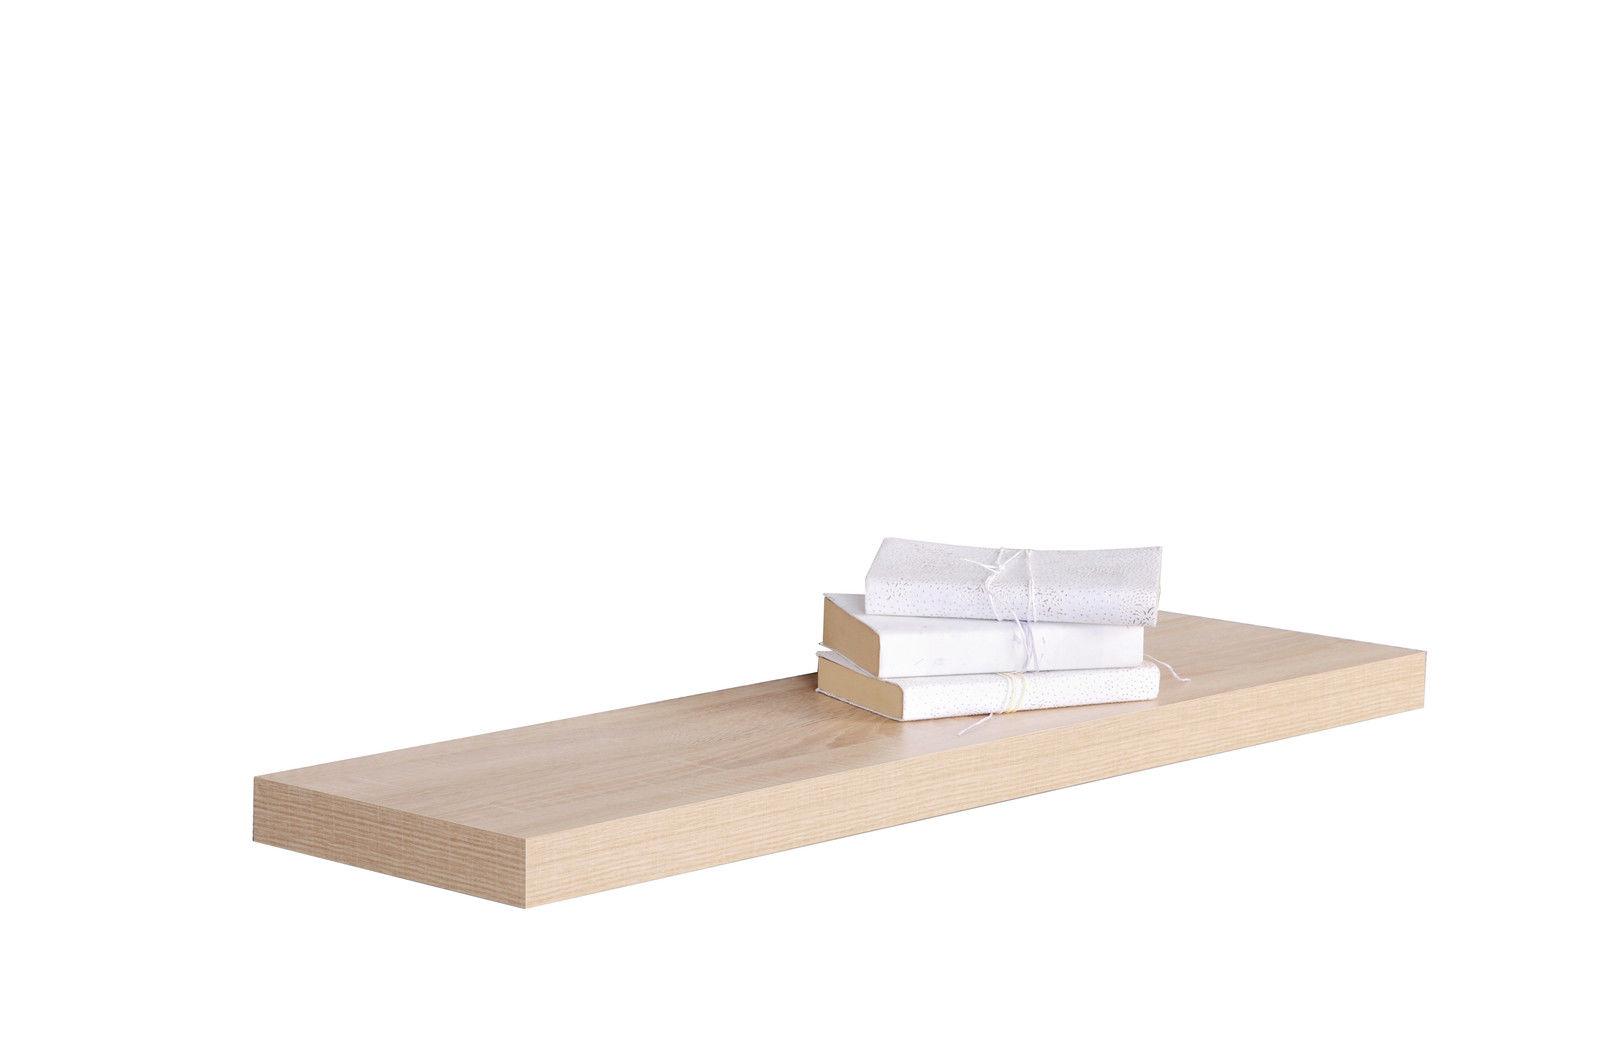 2er set wandboard h ngeregal in sonoma eiche aibv trade gmbh. Black Bedroom Furniture Sets. Home Design Ideas